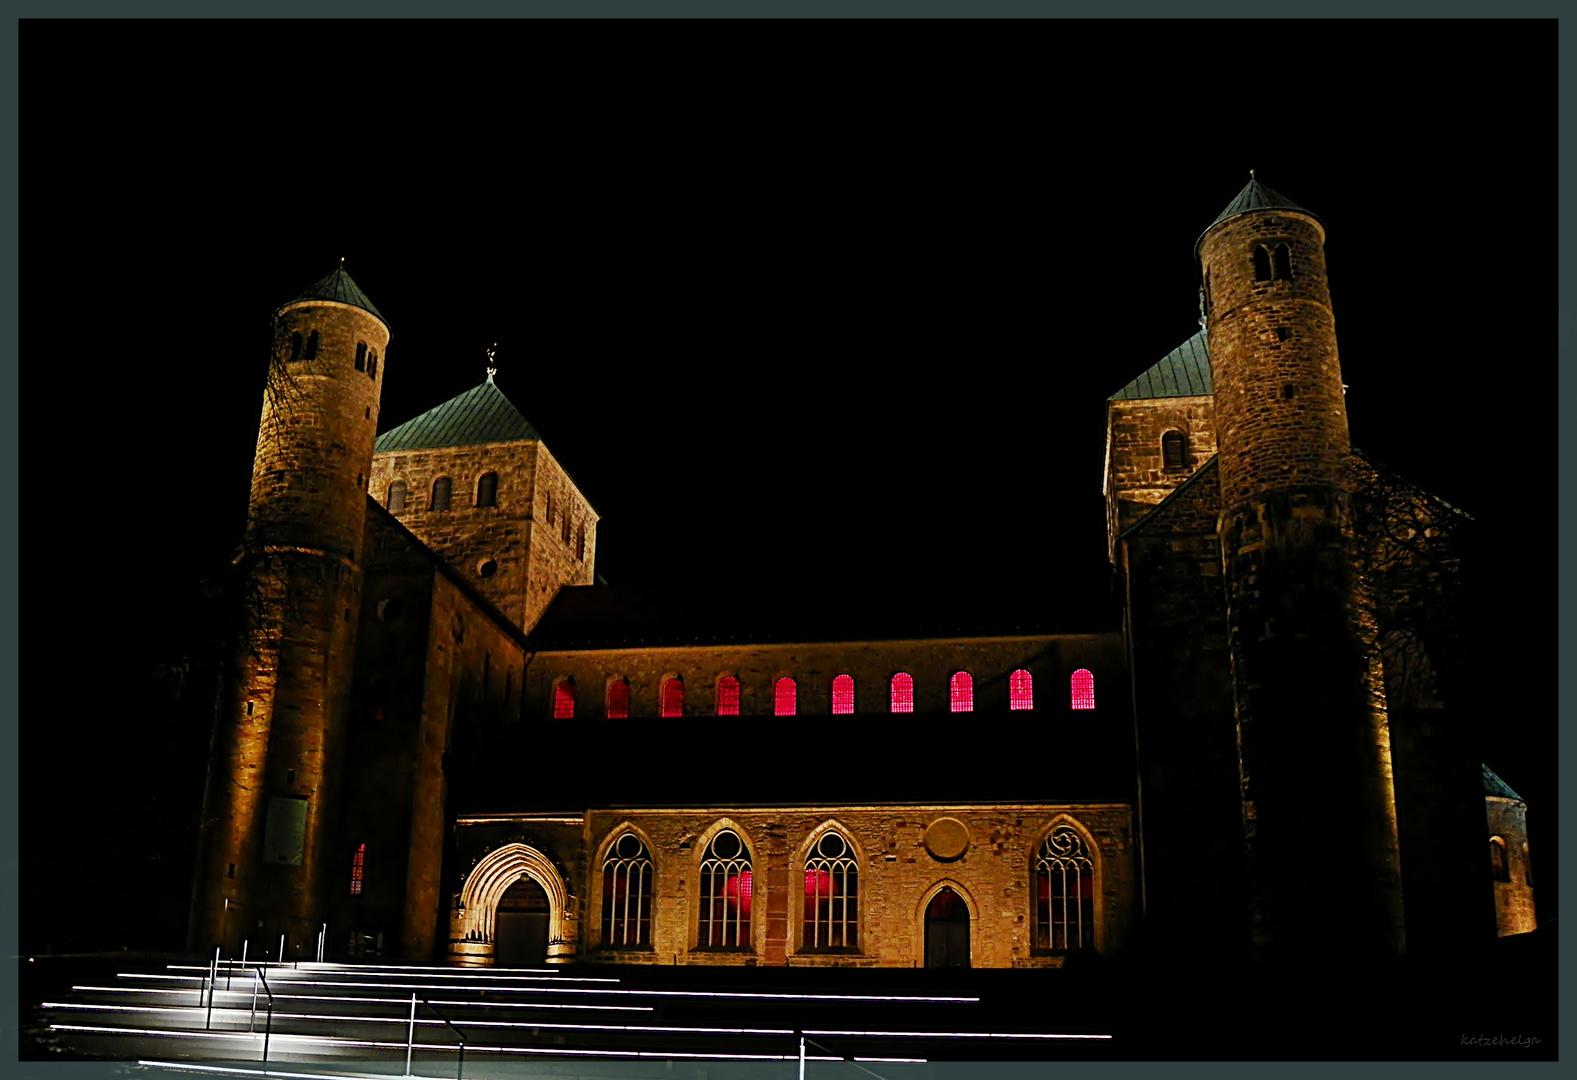 Michaeliskirche in Hildesheim